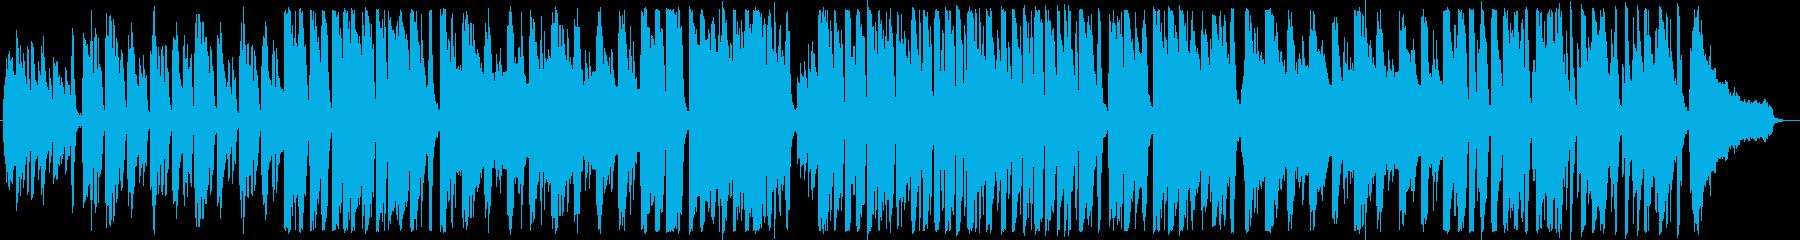 【CMアニメ】無理せず毎日一歩一歩。の再生済みの波形